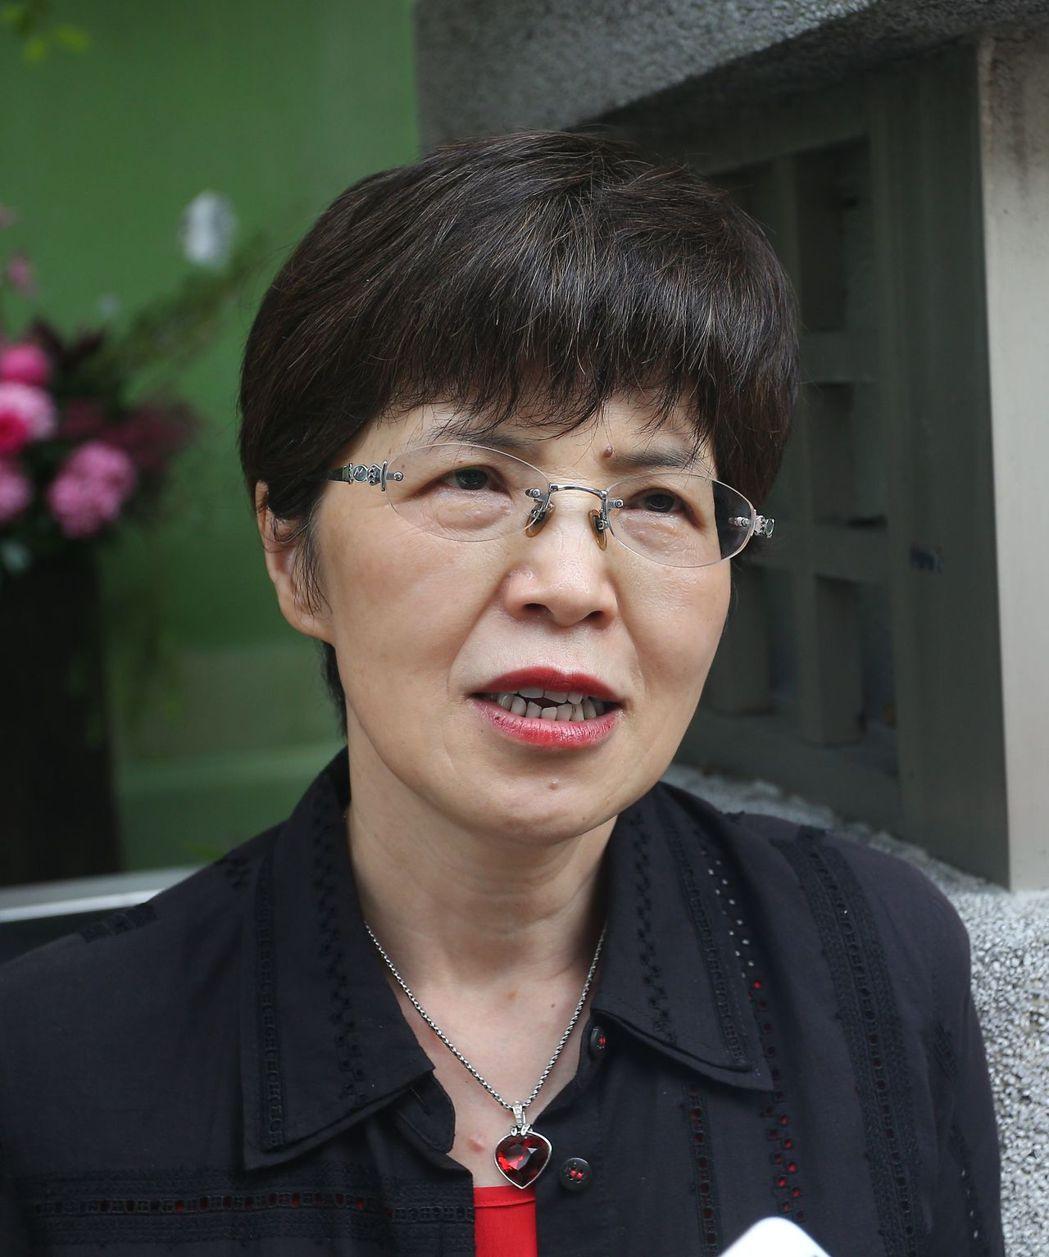 中山大學政治所教授廖達琪表示,政治人物瘋直潘,一旦泛濫就不新奇,仍需有設計及議題...